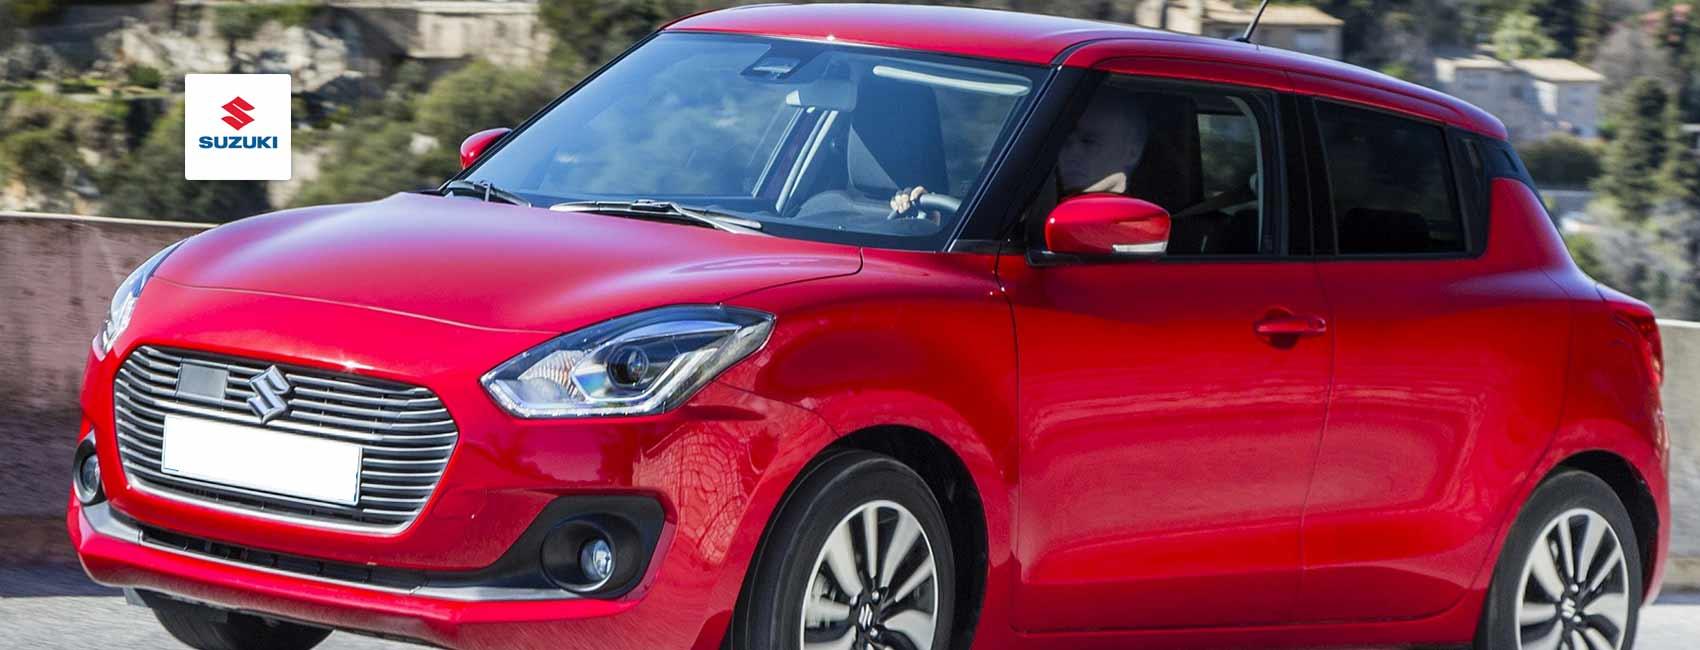 Suzuki Swift Parts - Buy Used Suzuki Swift Parts Online @ Best Price